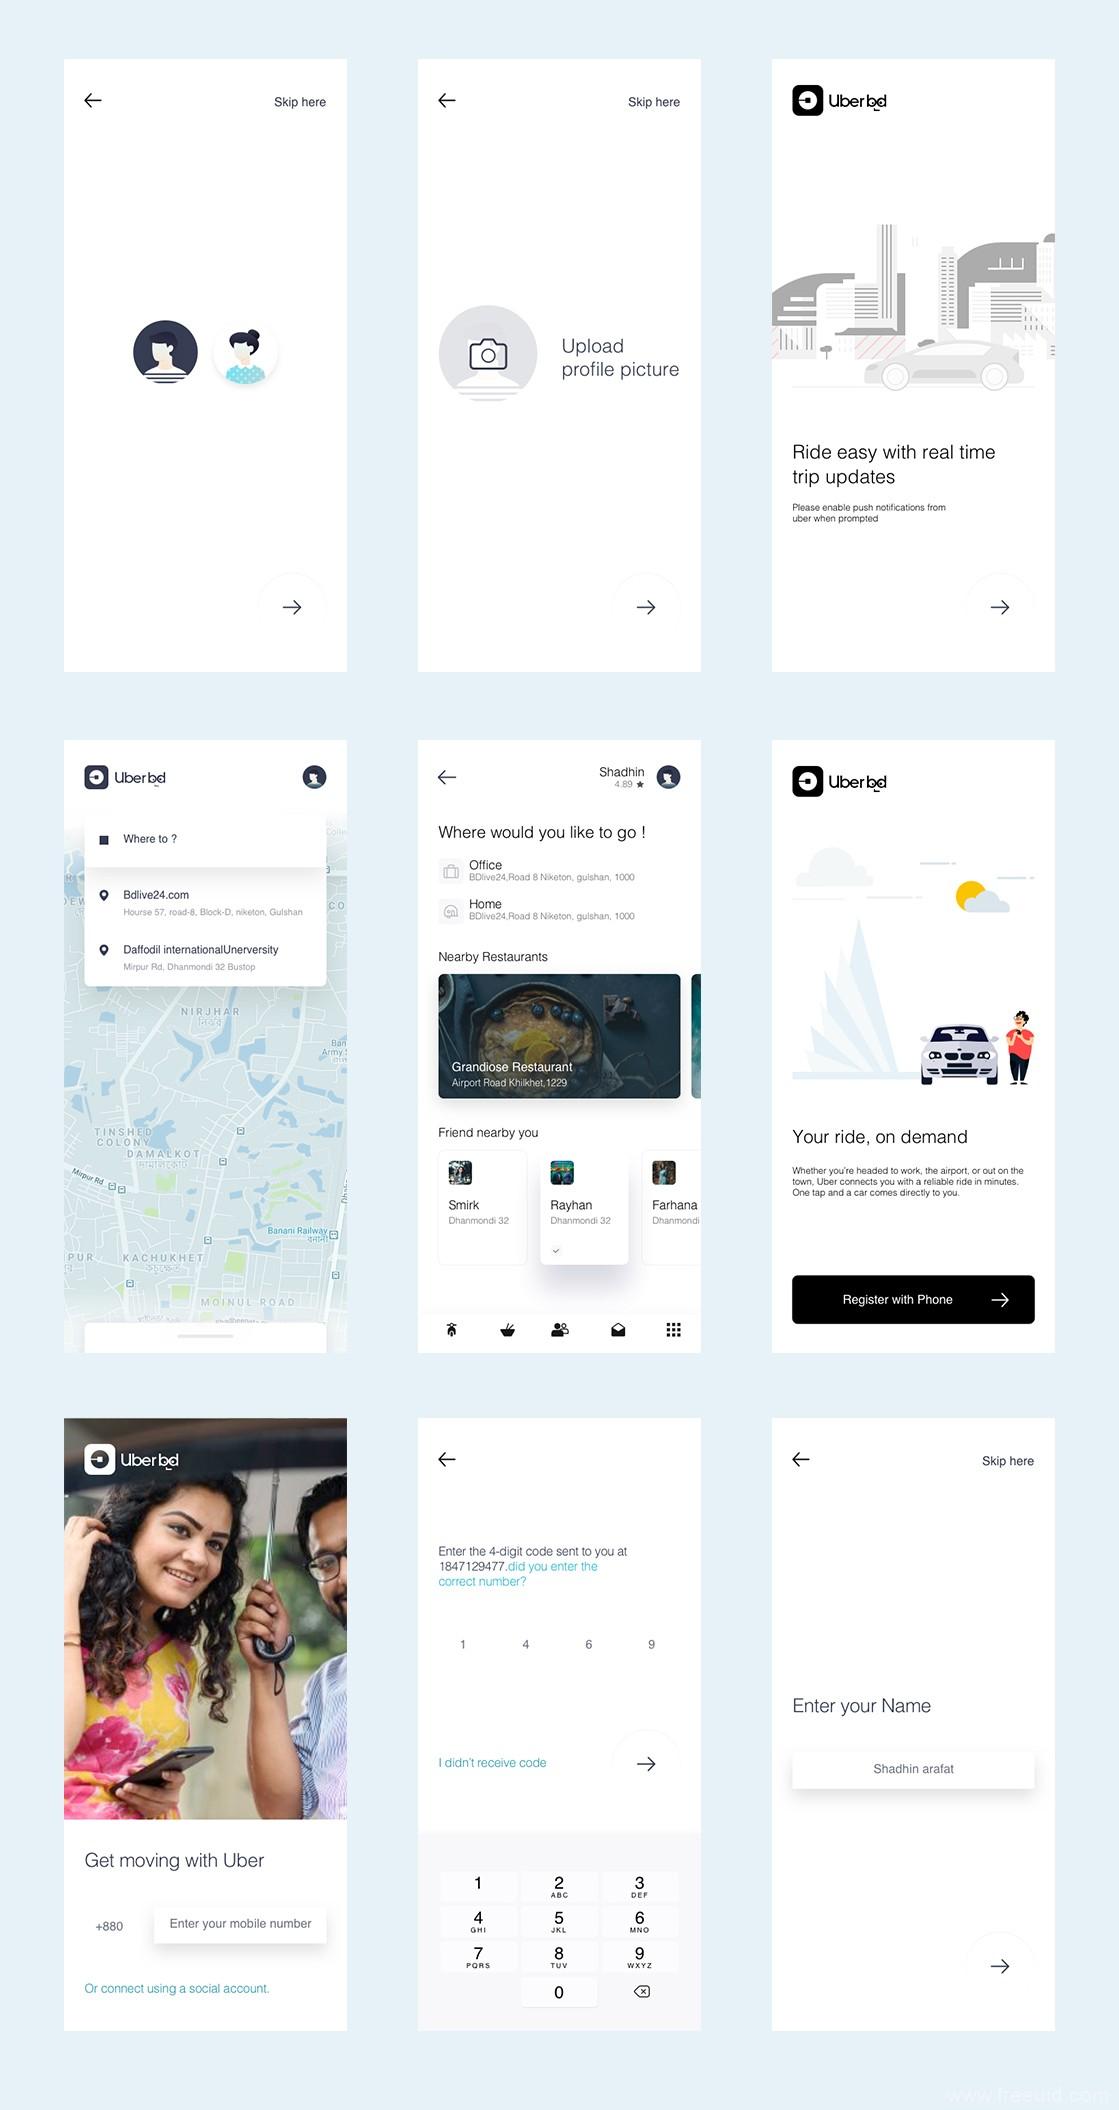 uber打车系统App界面、线上约车UI界面sketch源文件下载